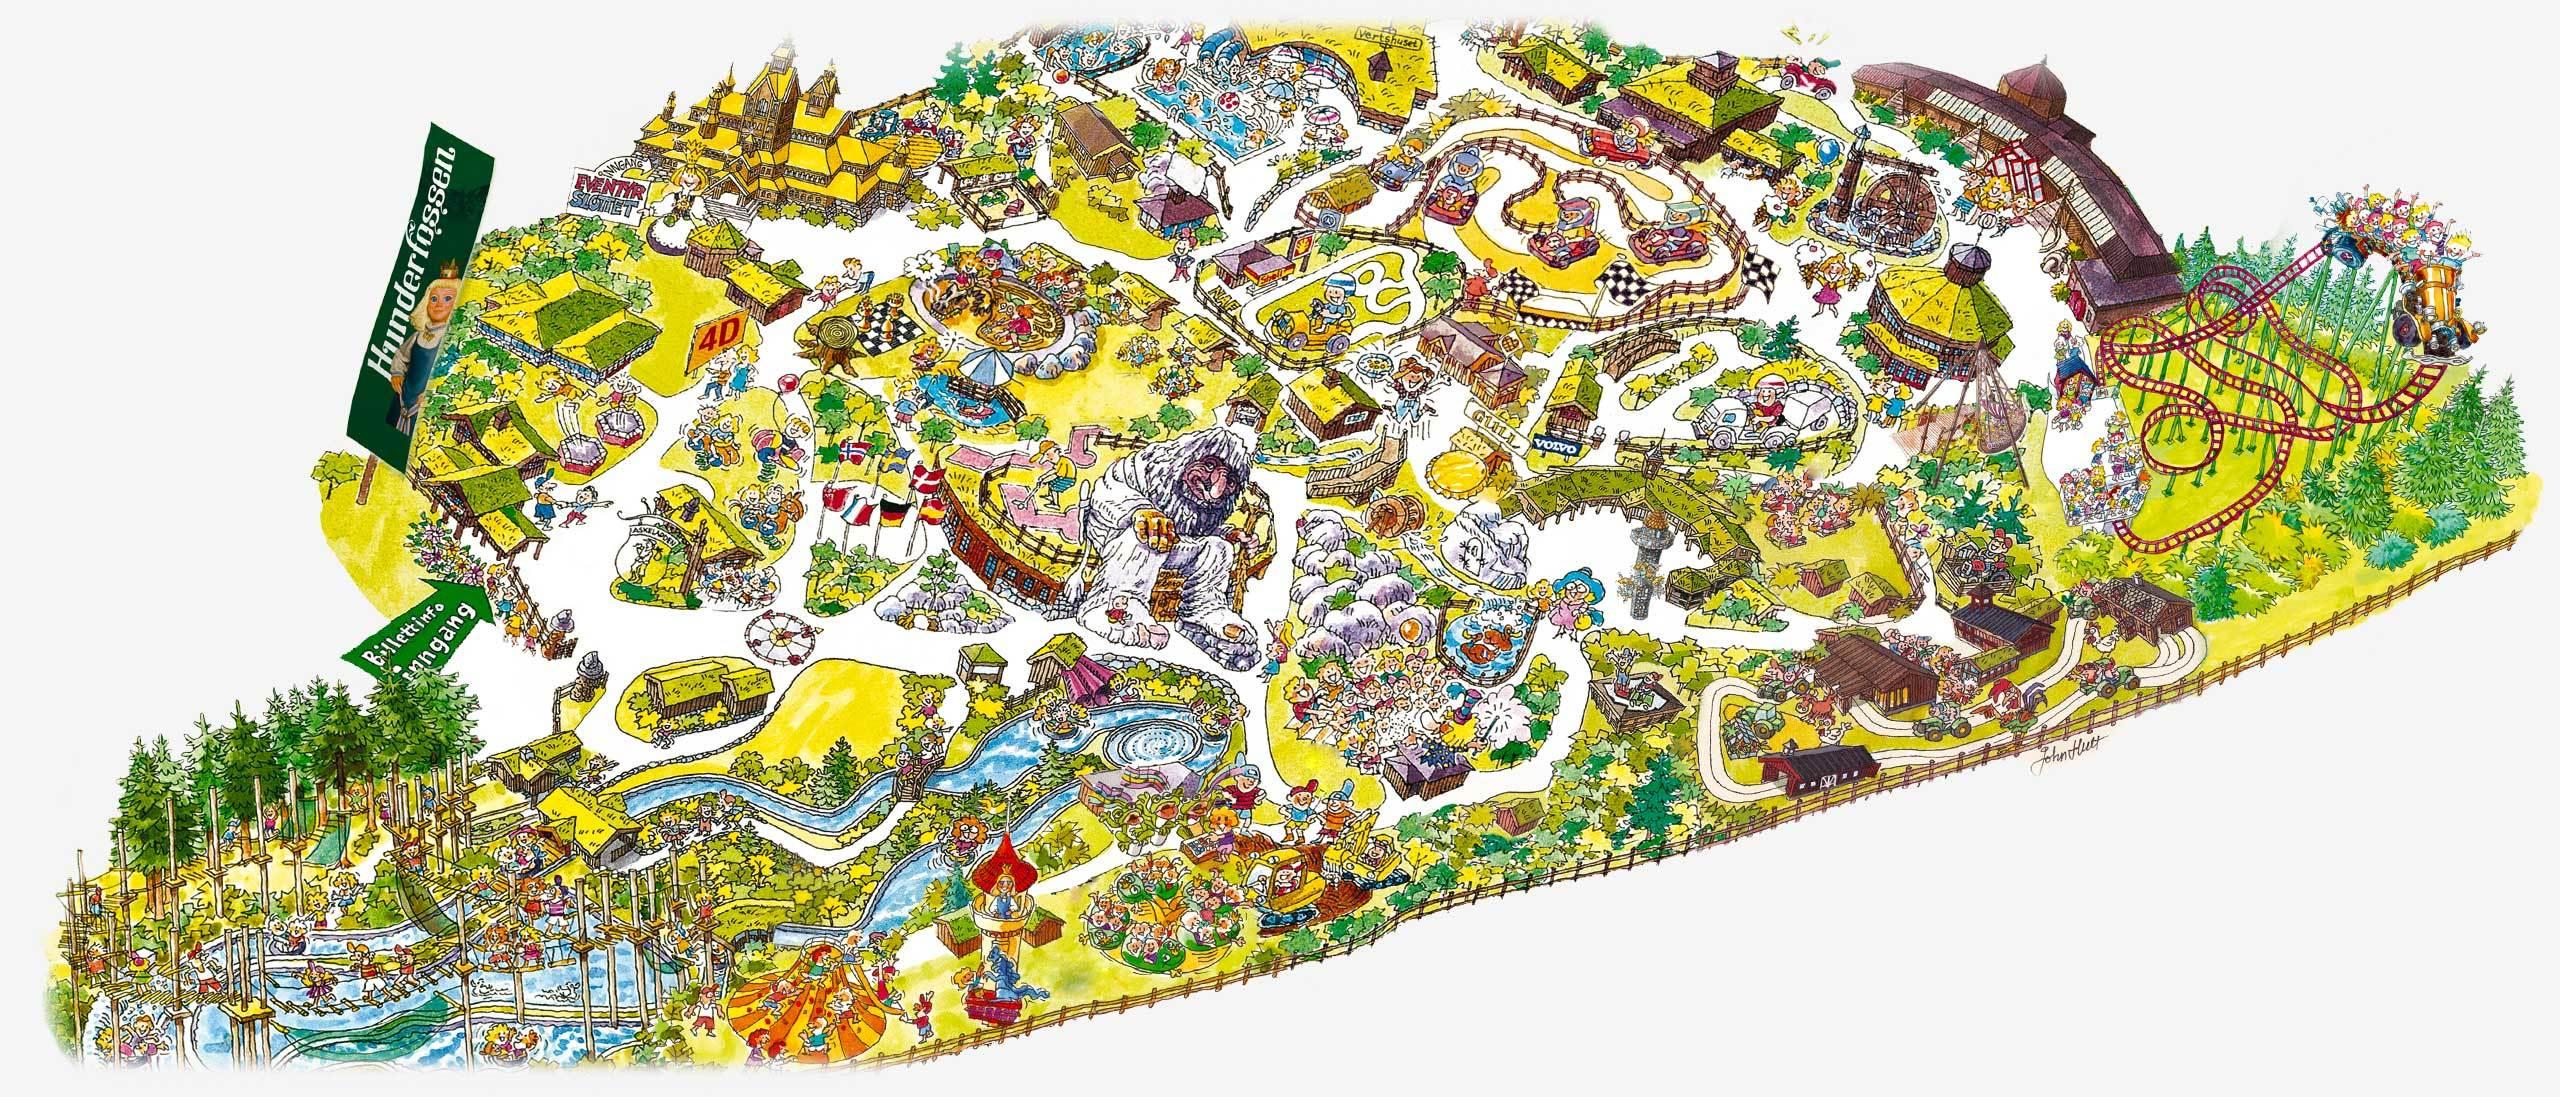 kart hunderfossen Hunderfossen Family Park. The land of trolls and fairy tales in  kart hunderfossen